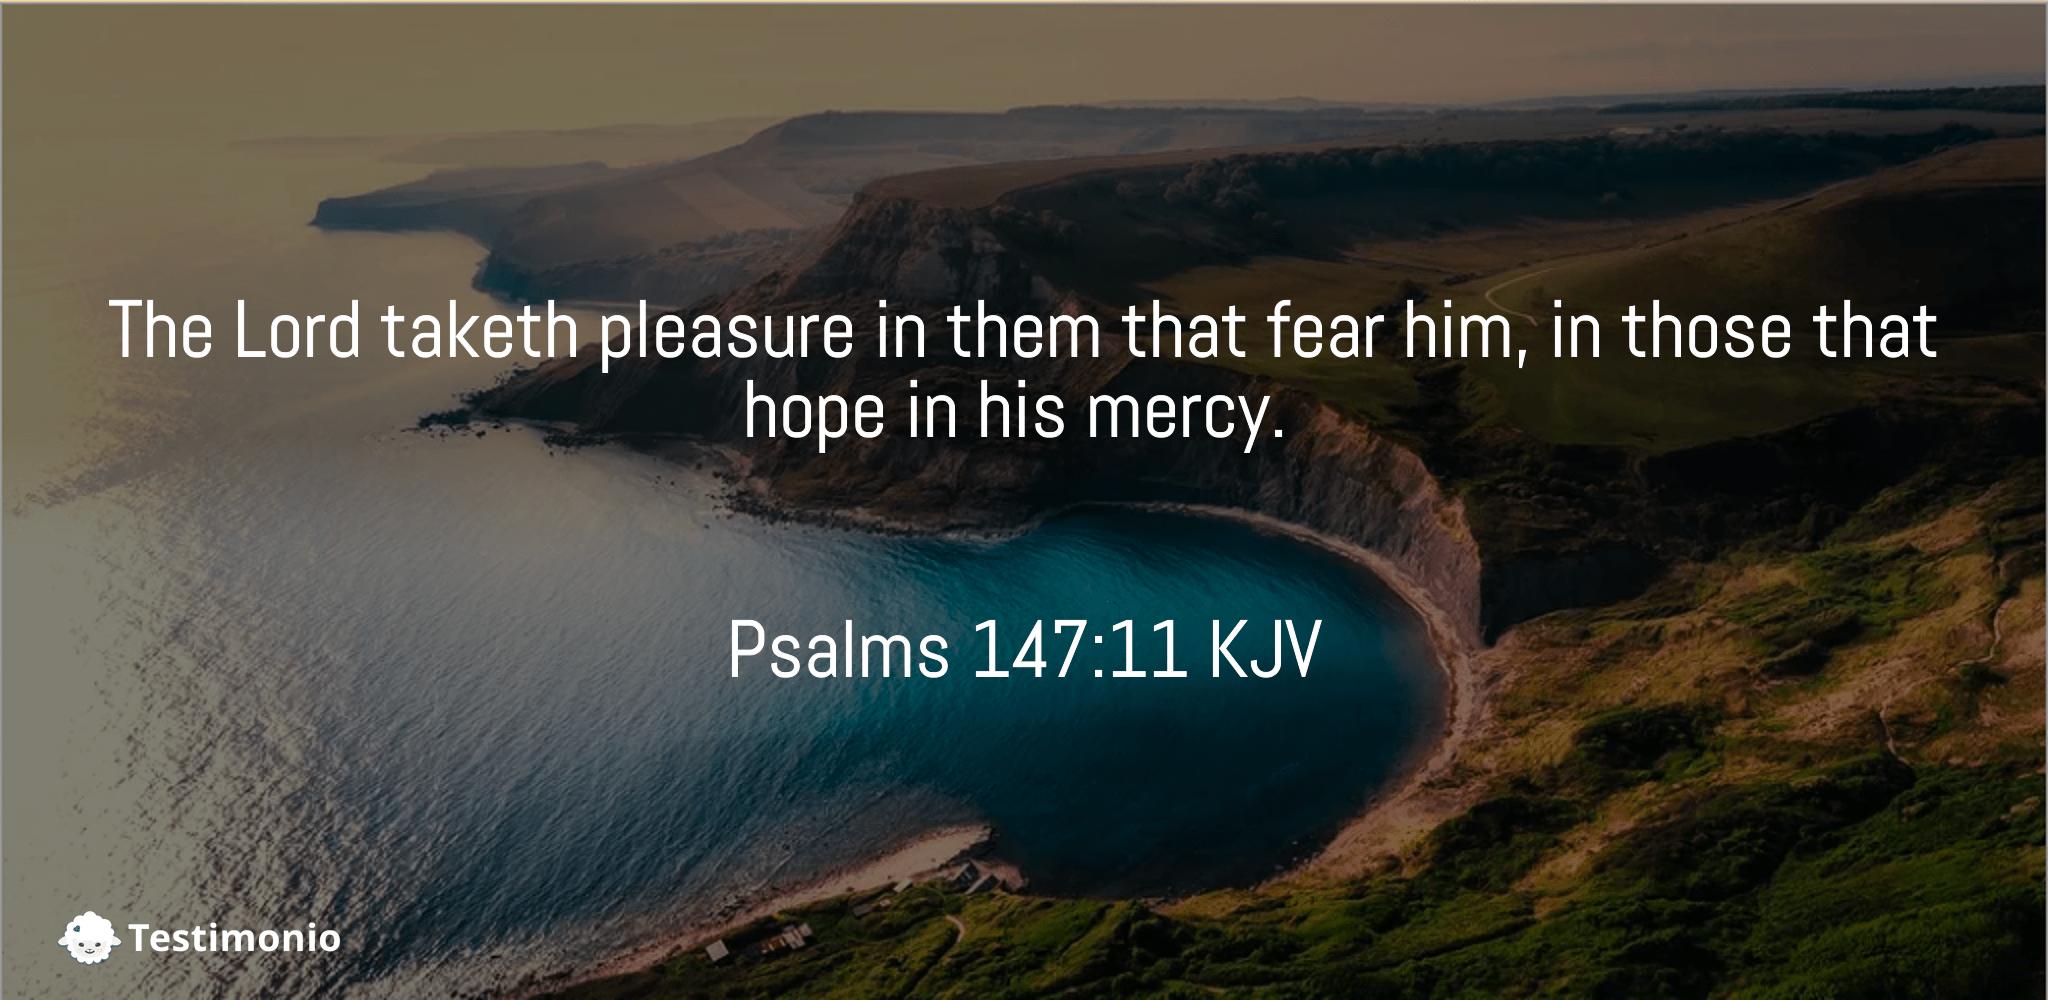 Psalms 147:11